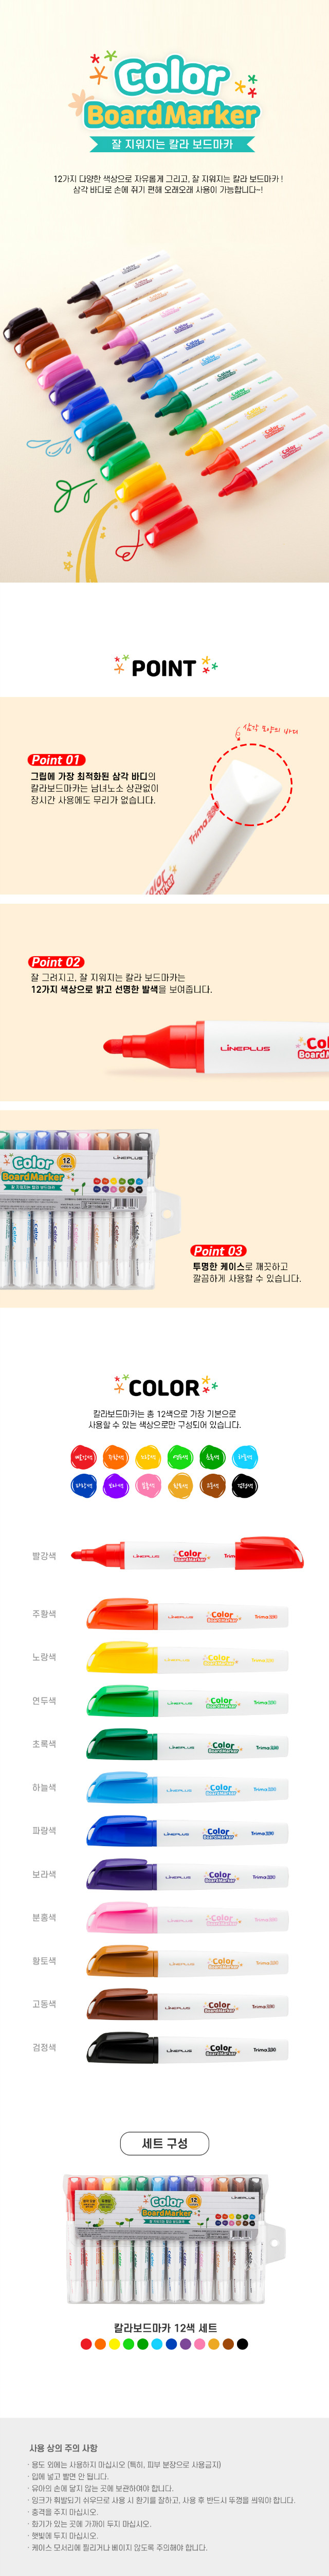 colorboardmarker_list.jpg